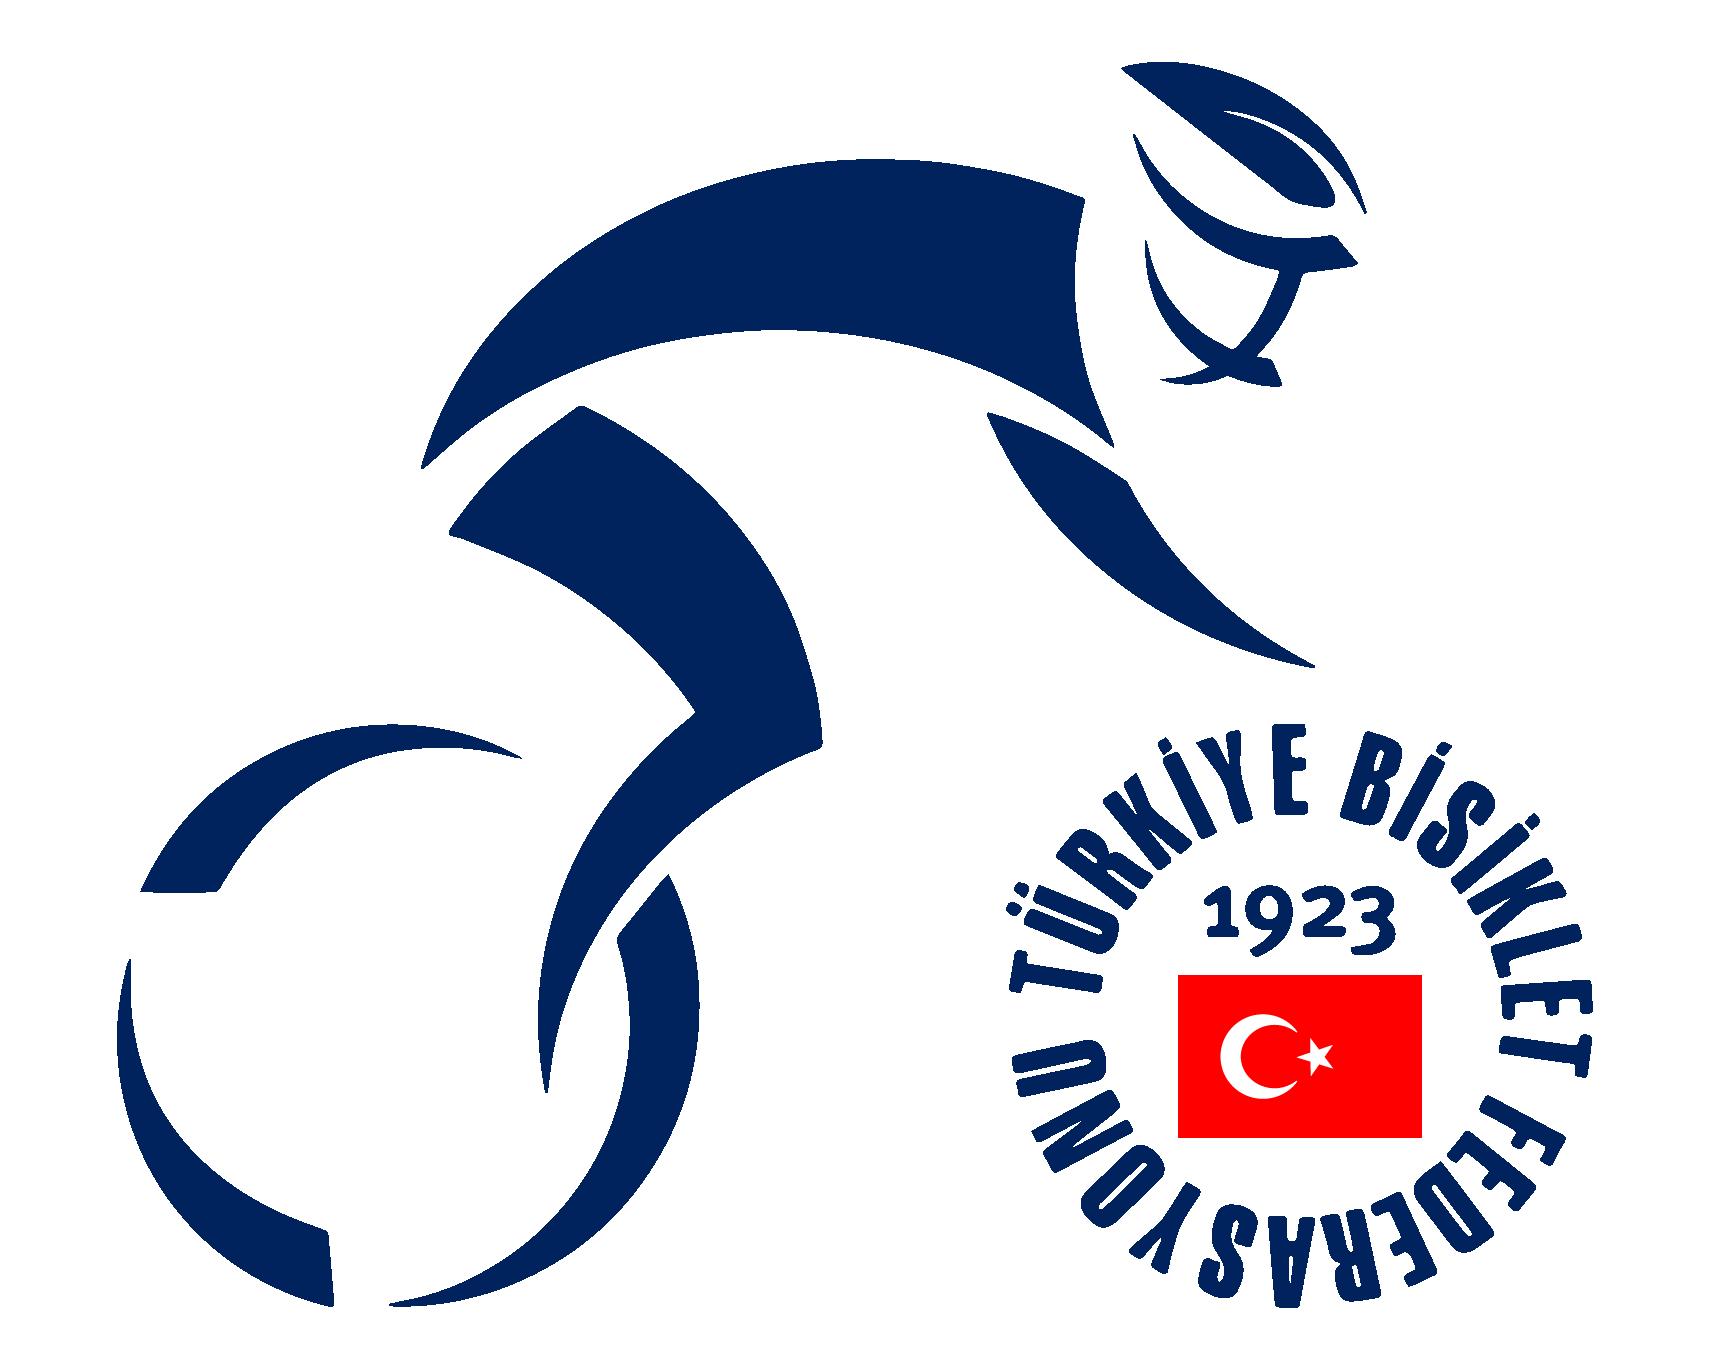 bisiklet federasyonu logo ile ilgili görsel sonucu